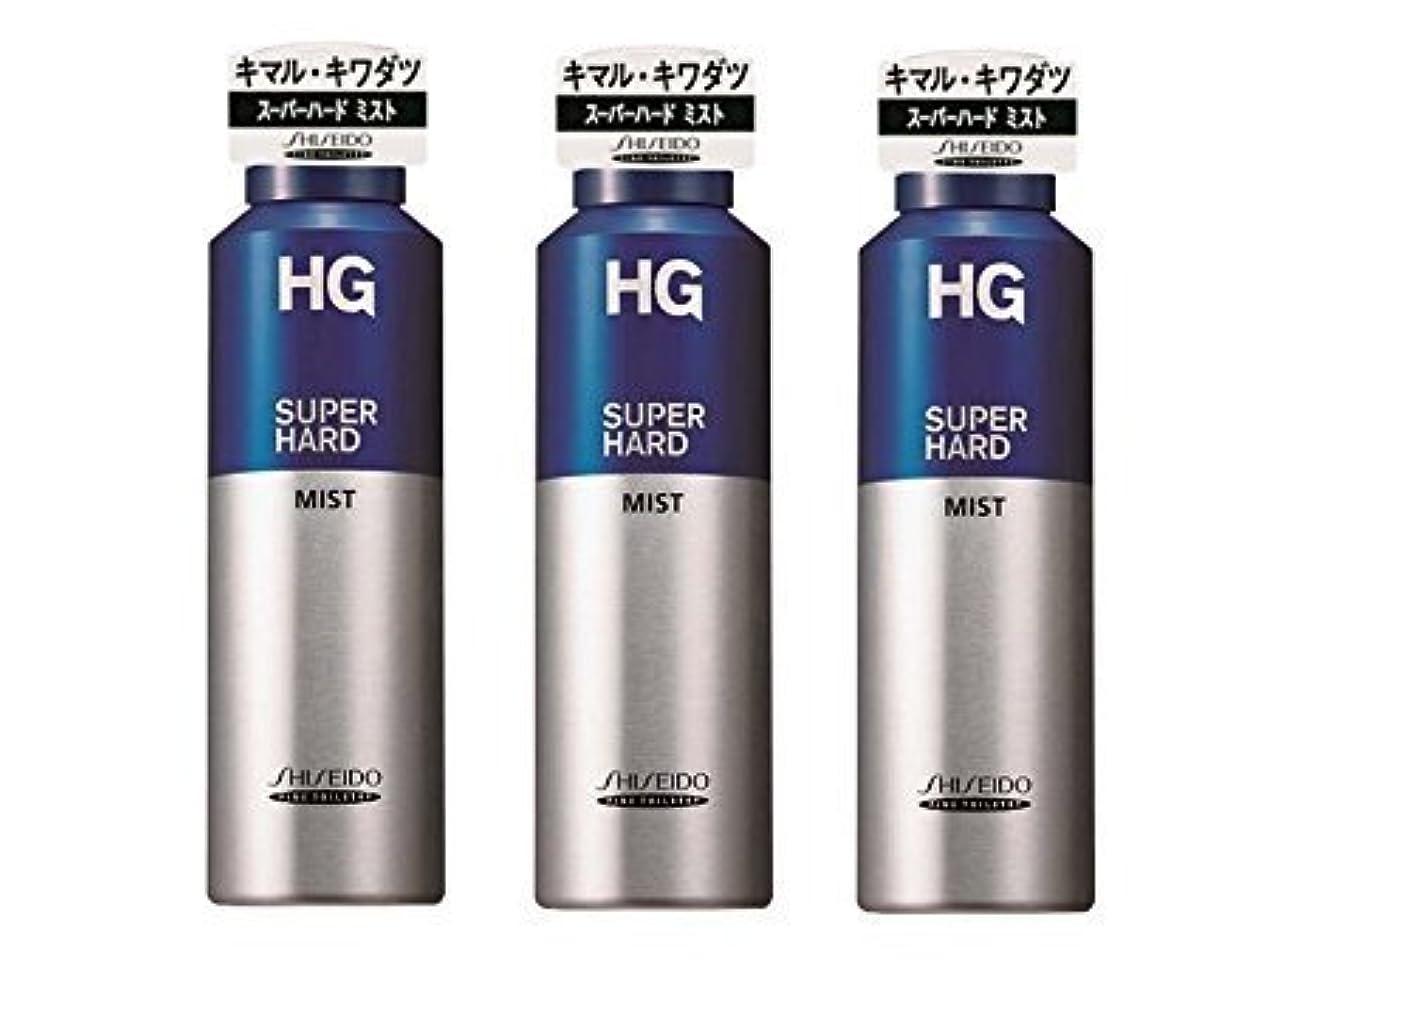 不適切な平等ボーナス【まとめ買い】HG スーパーハード ミスト 150g×3個